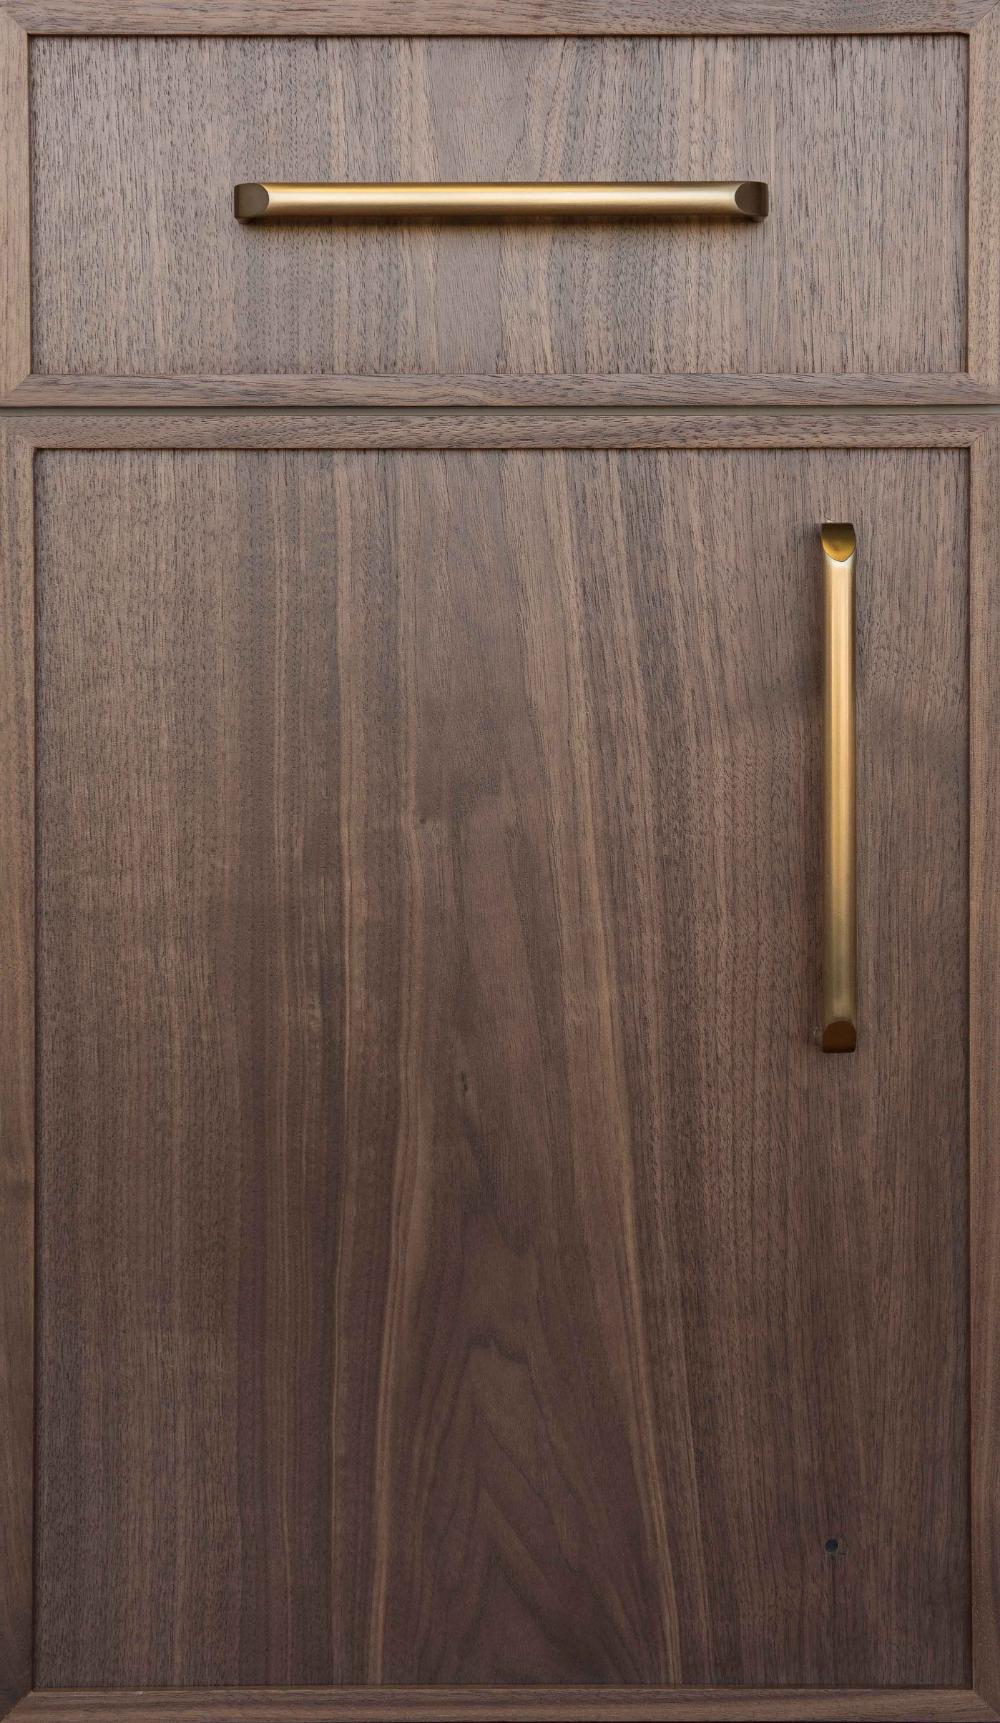 Millbrook Cabinet Door Google Search Custom Cabinet Doors Walnut Doors Walnut Kitchen Cabinets